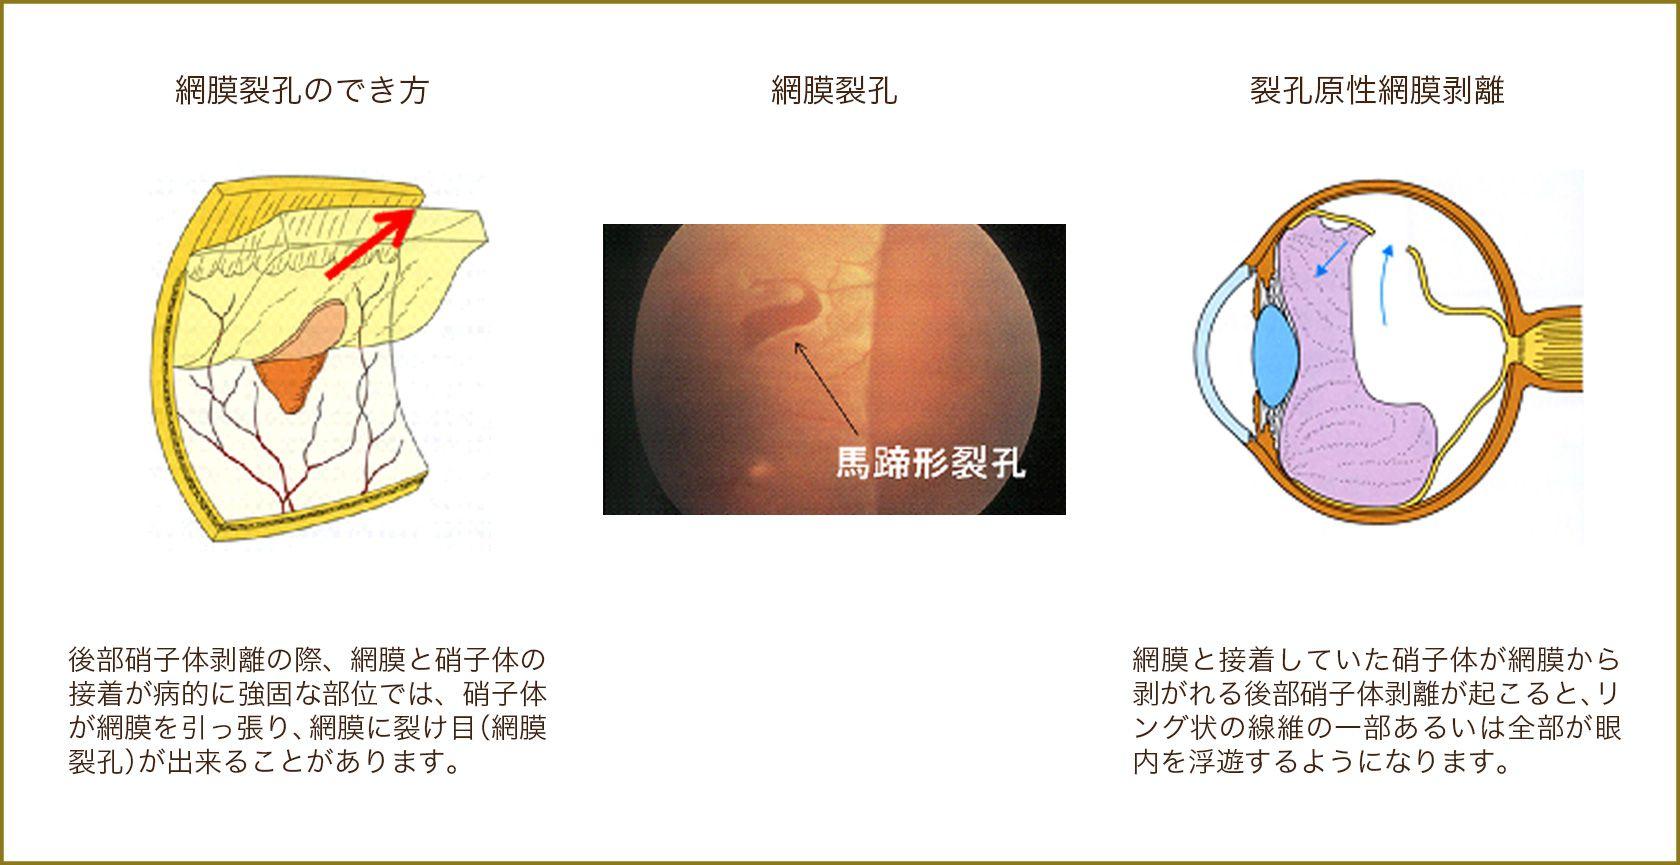 網膜裂孔のでき方,網膜裂孔,裂孔原性網膜剥離